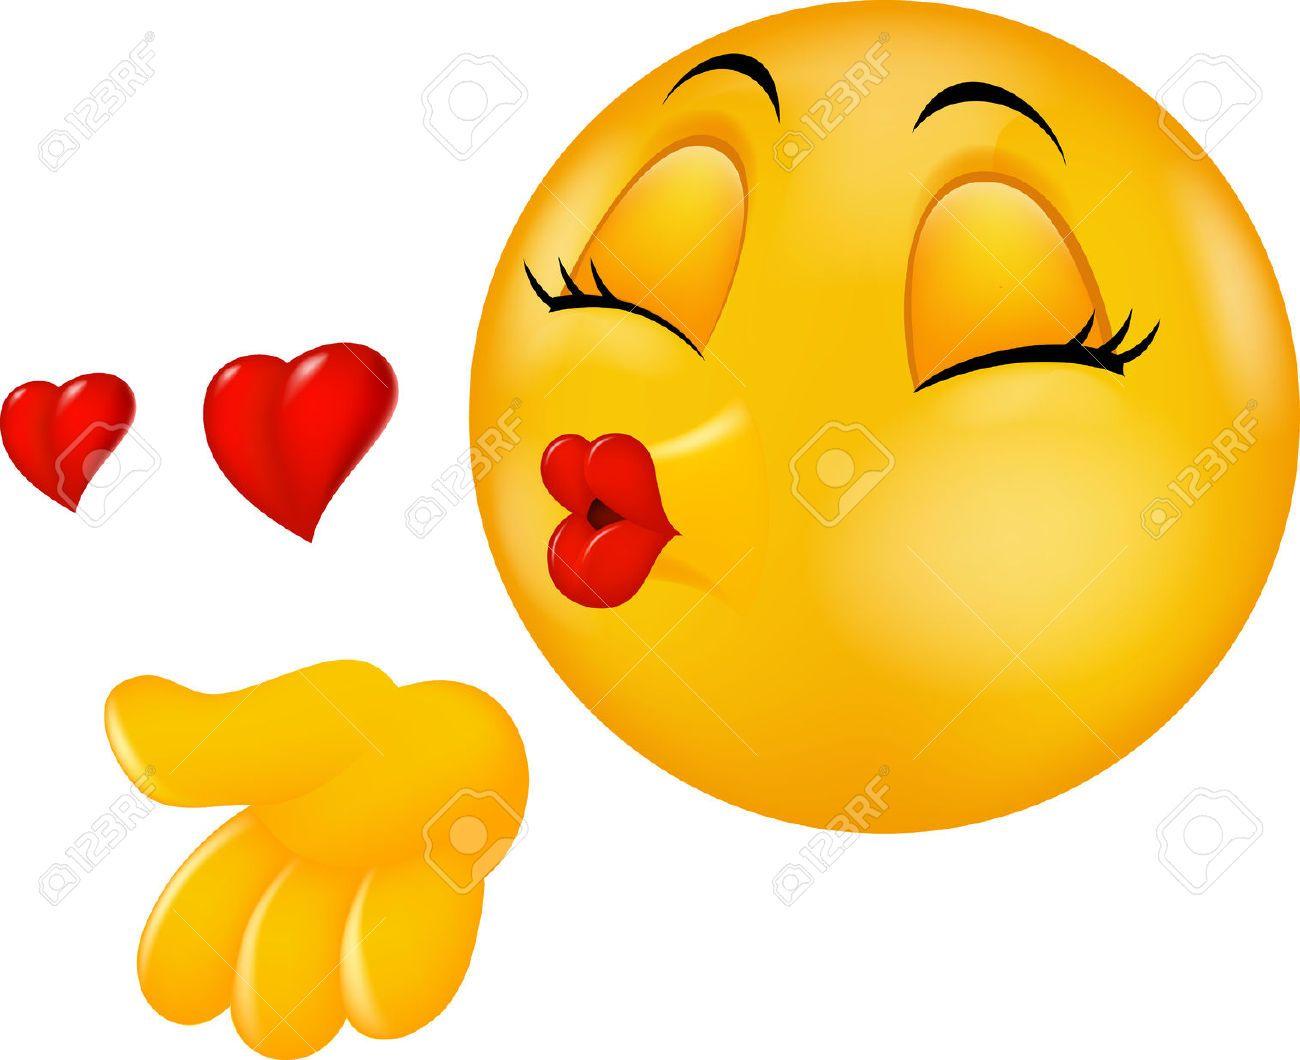 33886410-Cartoon-besando-redonda-cara-emoticon-haciendo-beso-al-aire-Foto-de-archivo.jpg (1300